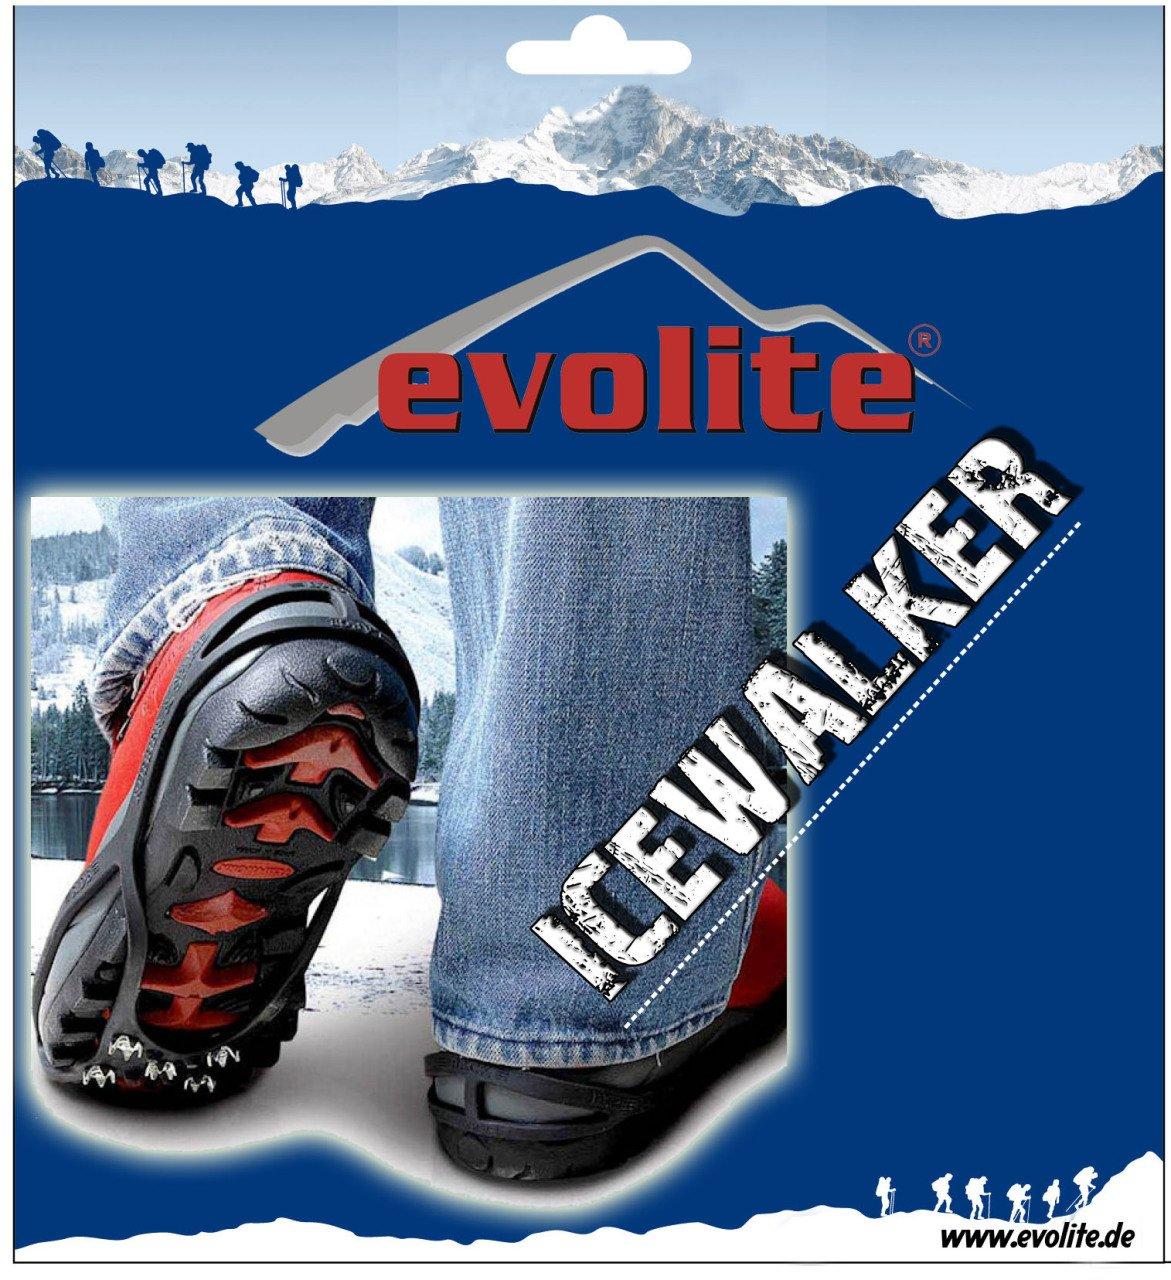 Evolite Icewalker Karda Kaydırmayan Ayakkabı Altlığı